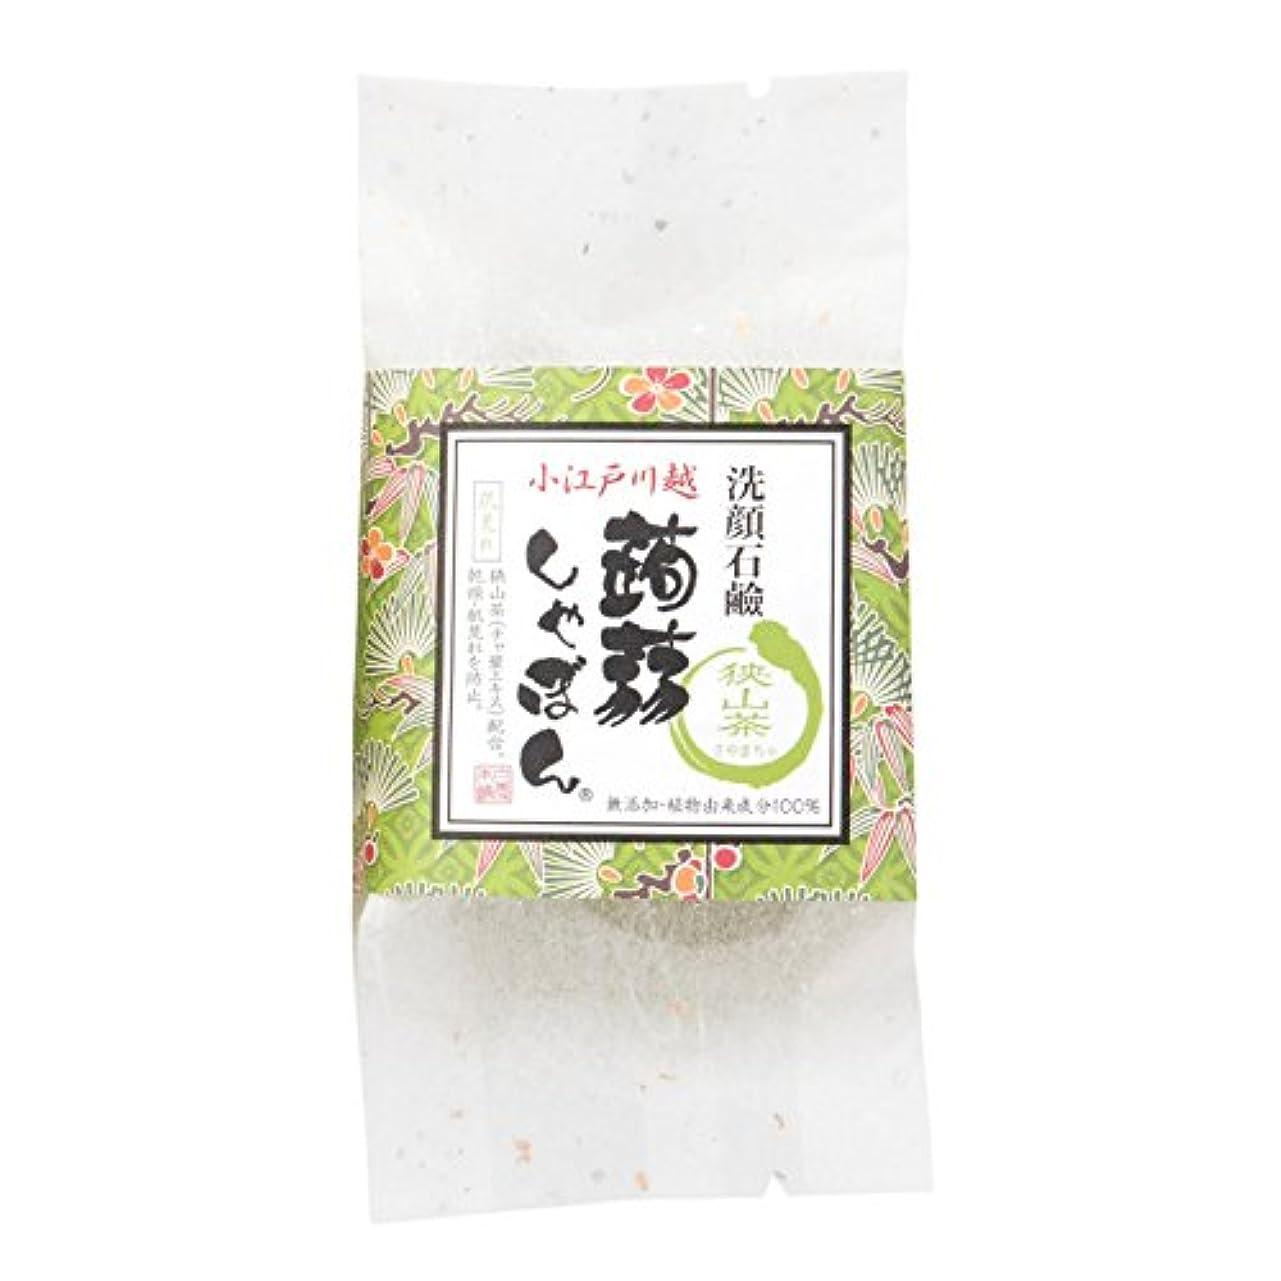 シェア累積義務づける川越蒟蒻しゃぼん狭山茶(さやまちゃ)